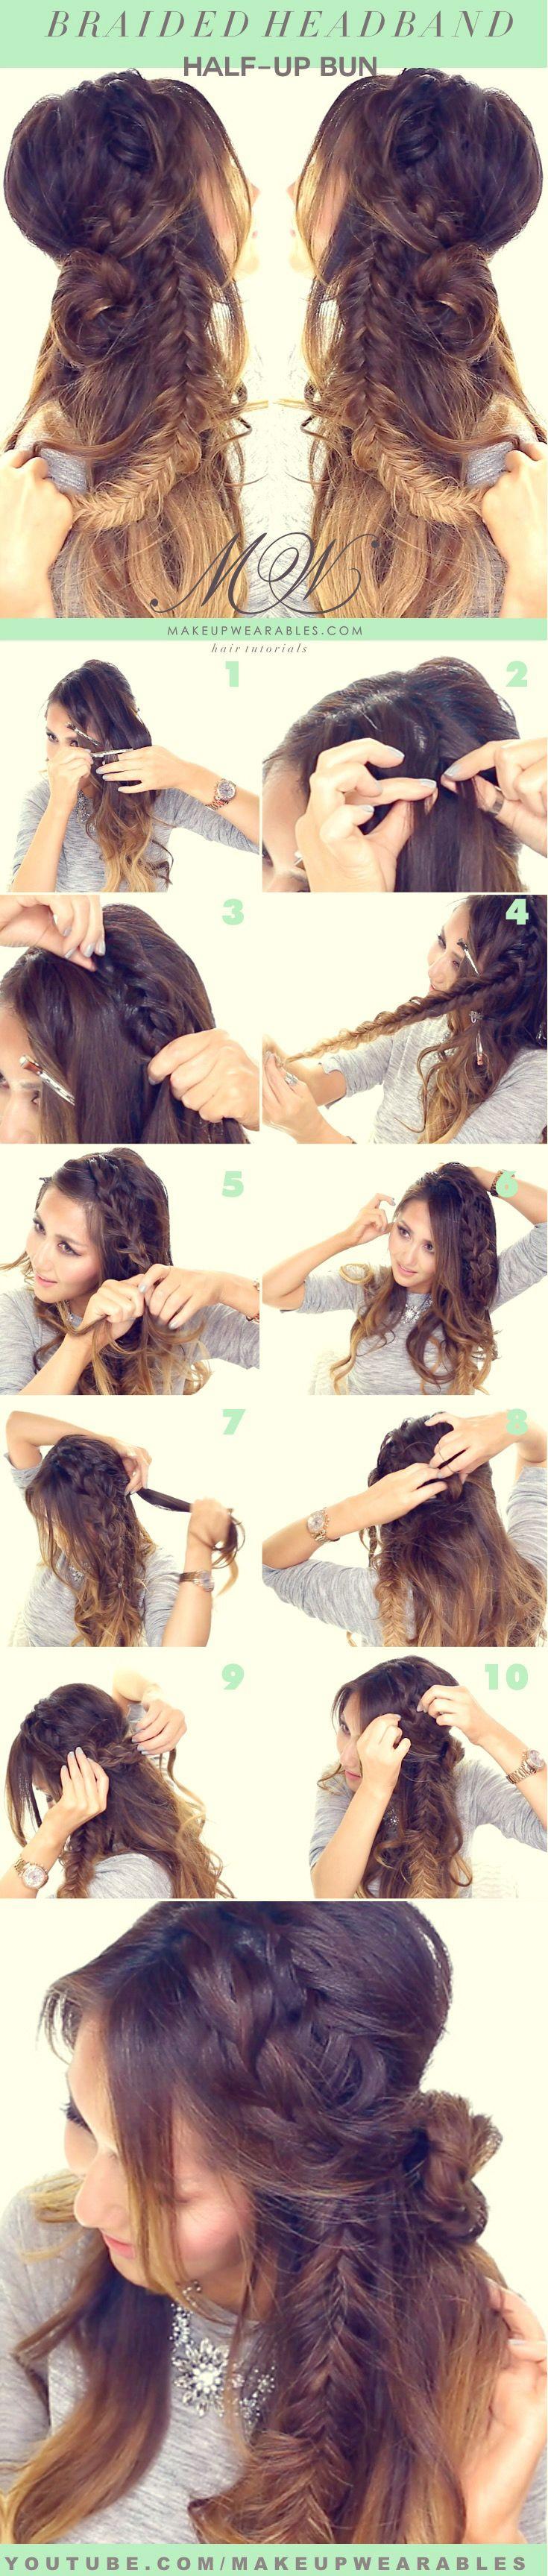 Cute braided half updo bun tutorial easy hairstyles hair mair